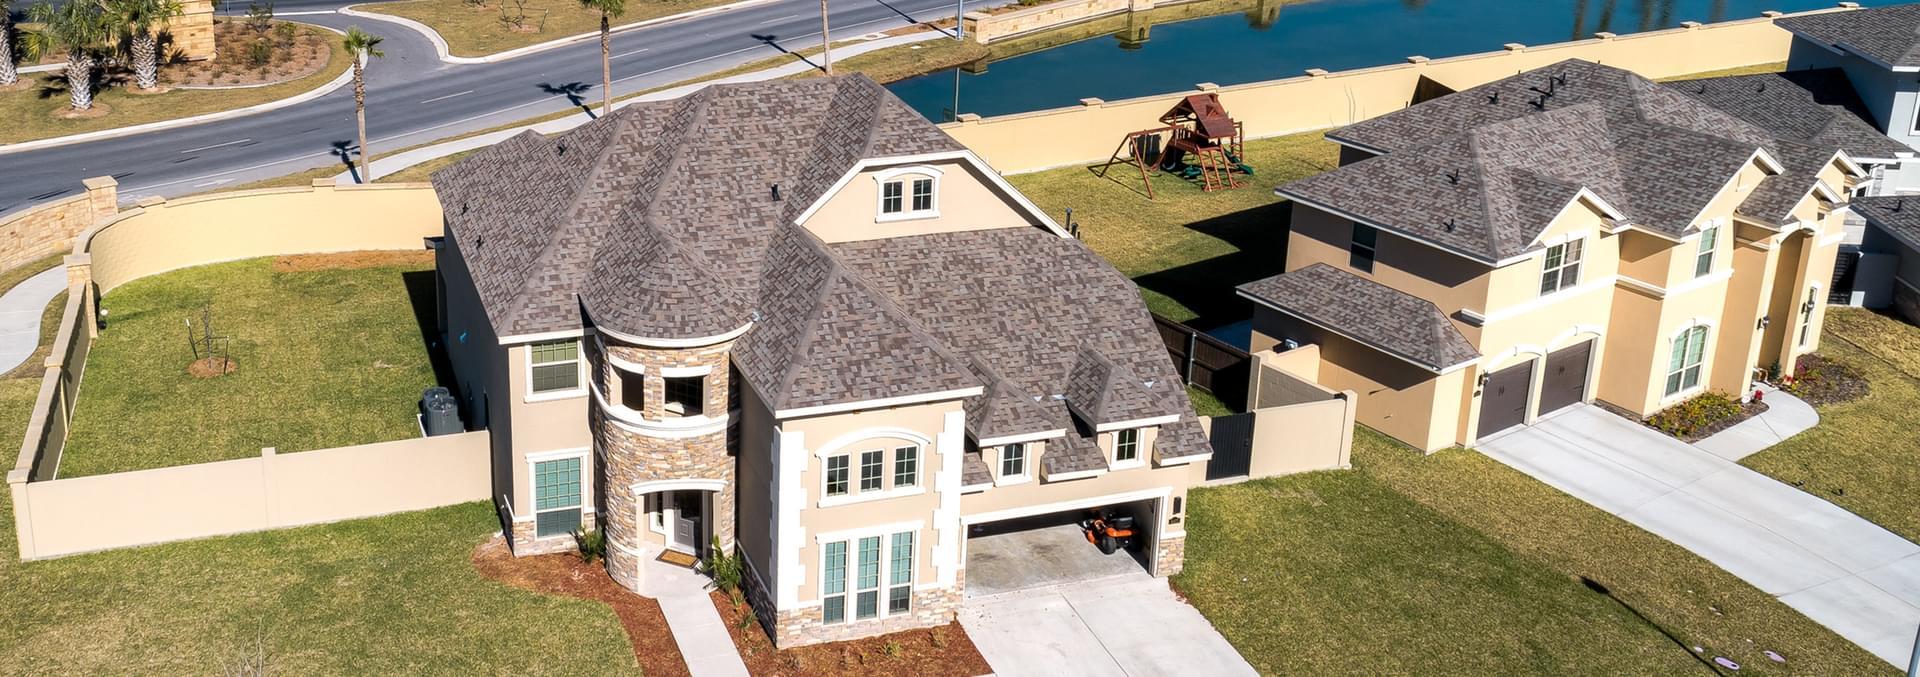 Ensenada at Tres Lagos New Homes in McAllen, TX